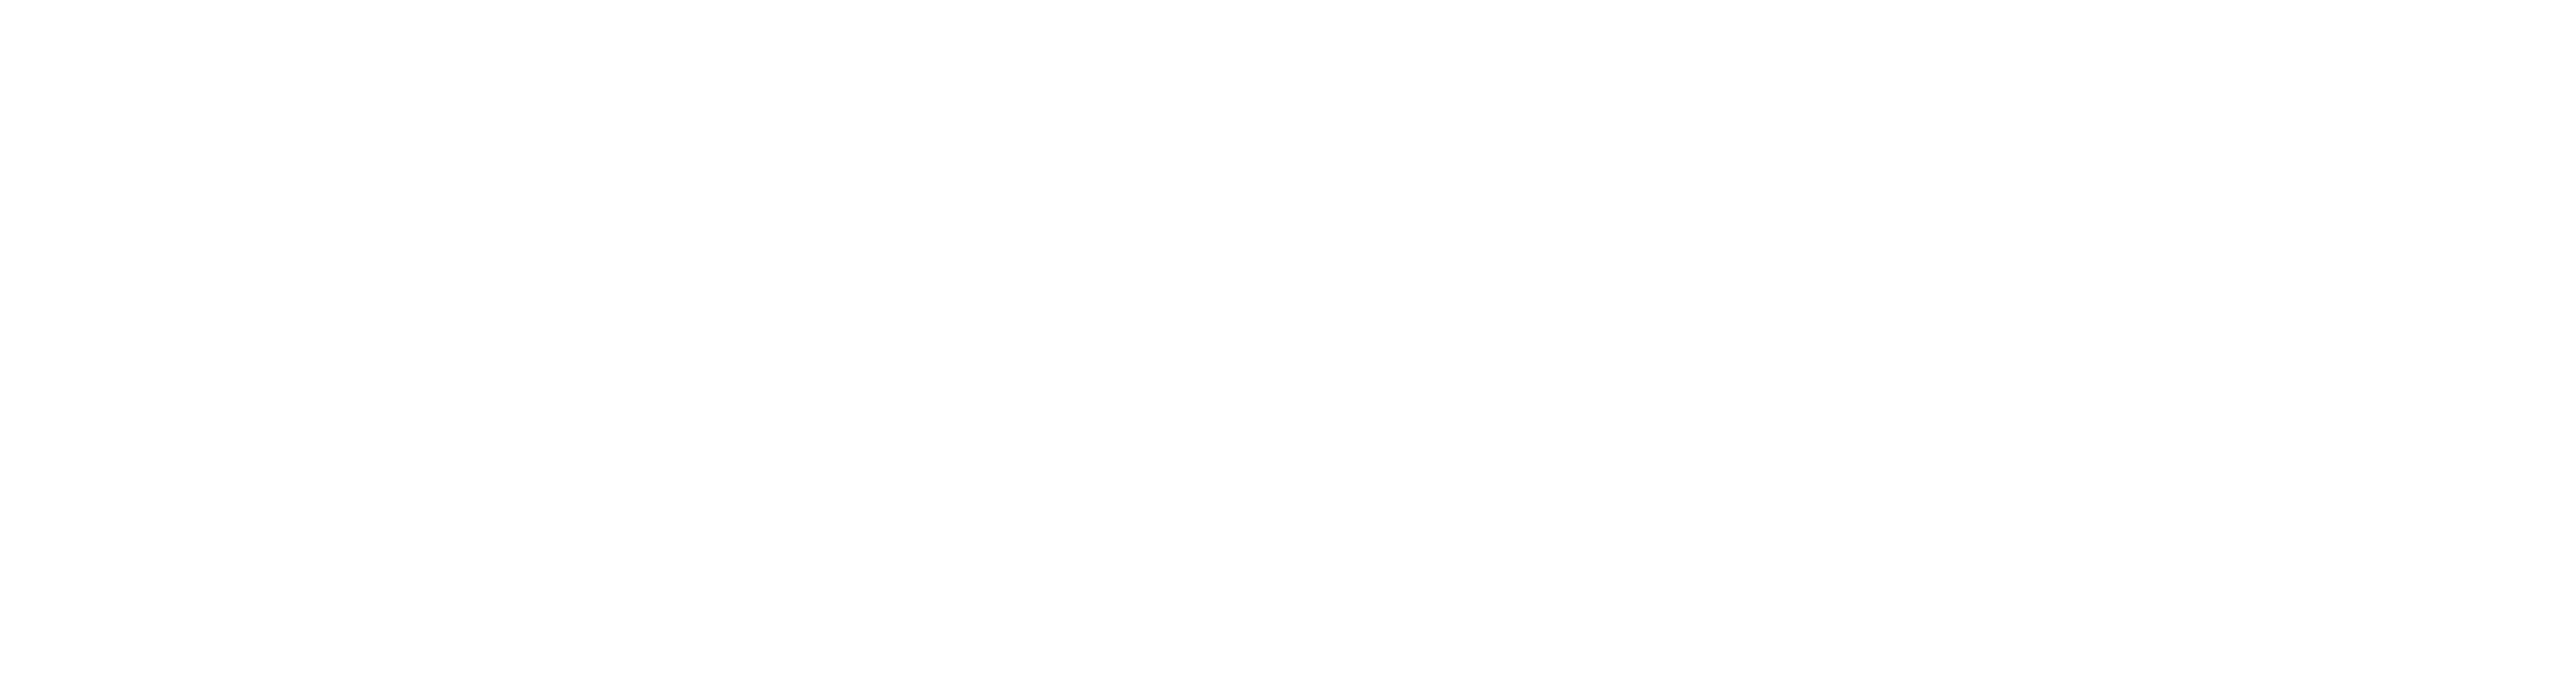 Mayumi Publishing Group LLC